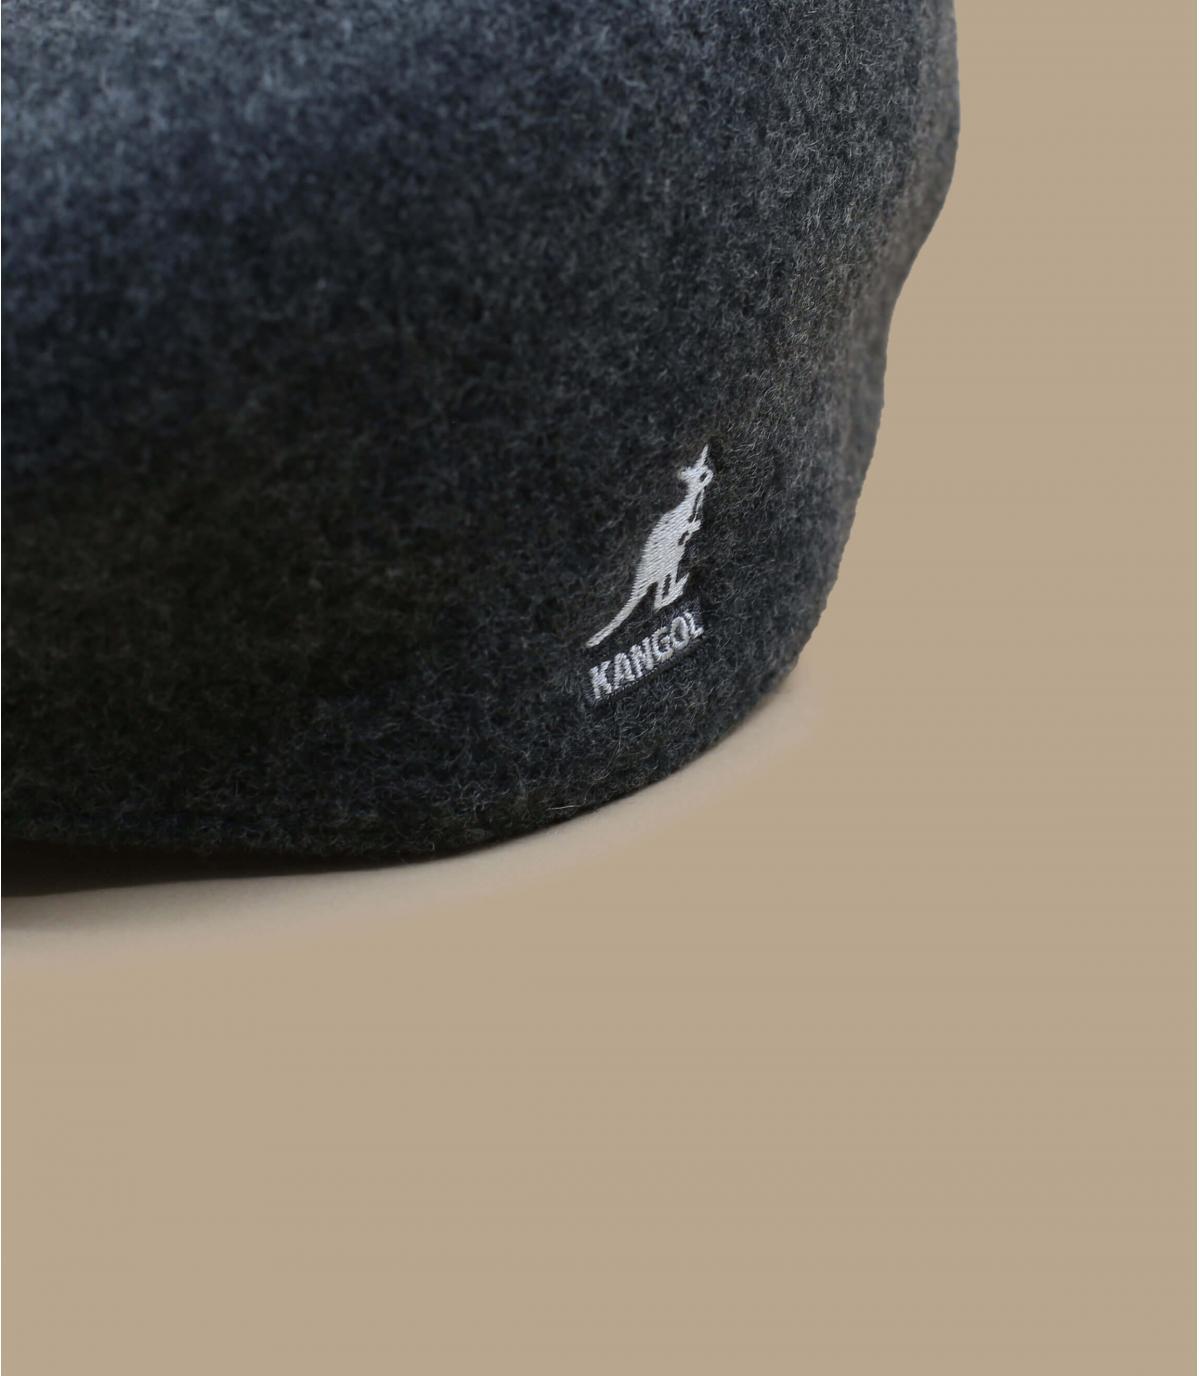 Détails 504 wool grey - image 2